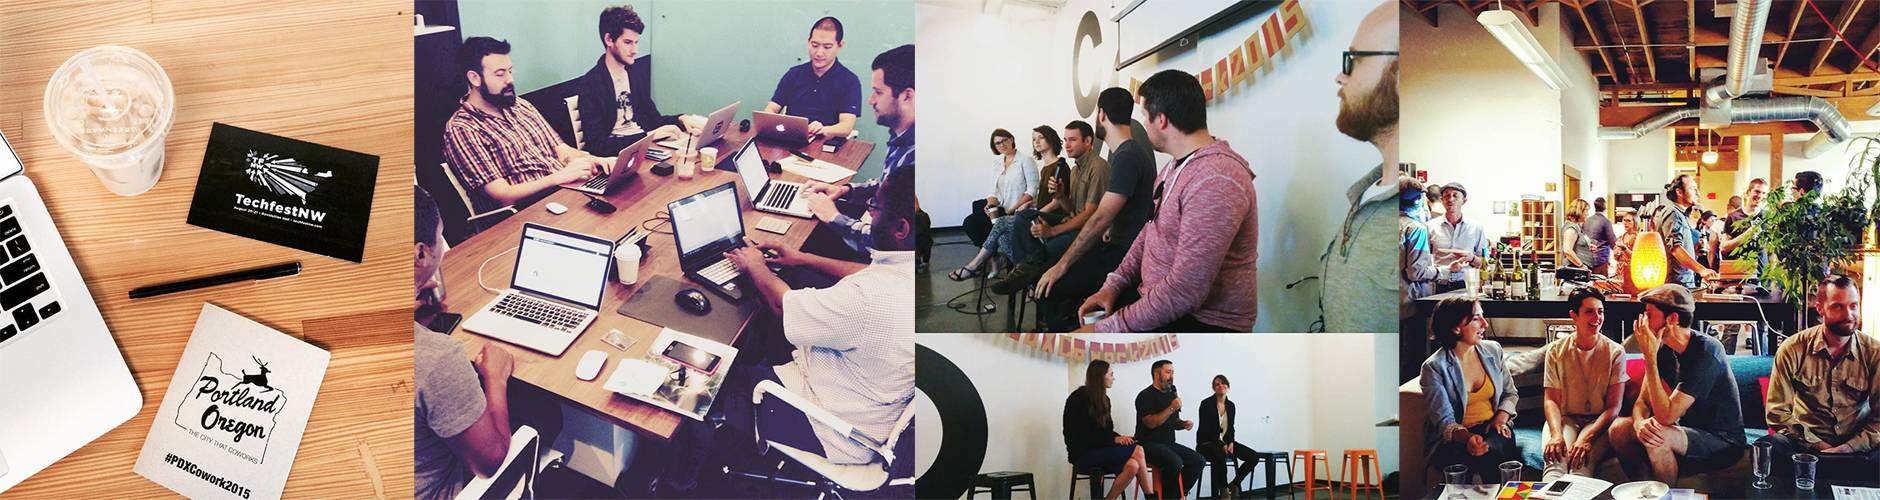 Portland Coworking Week 2015